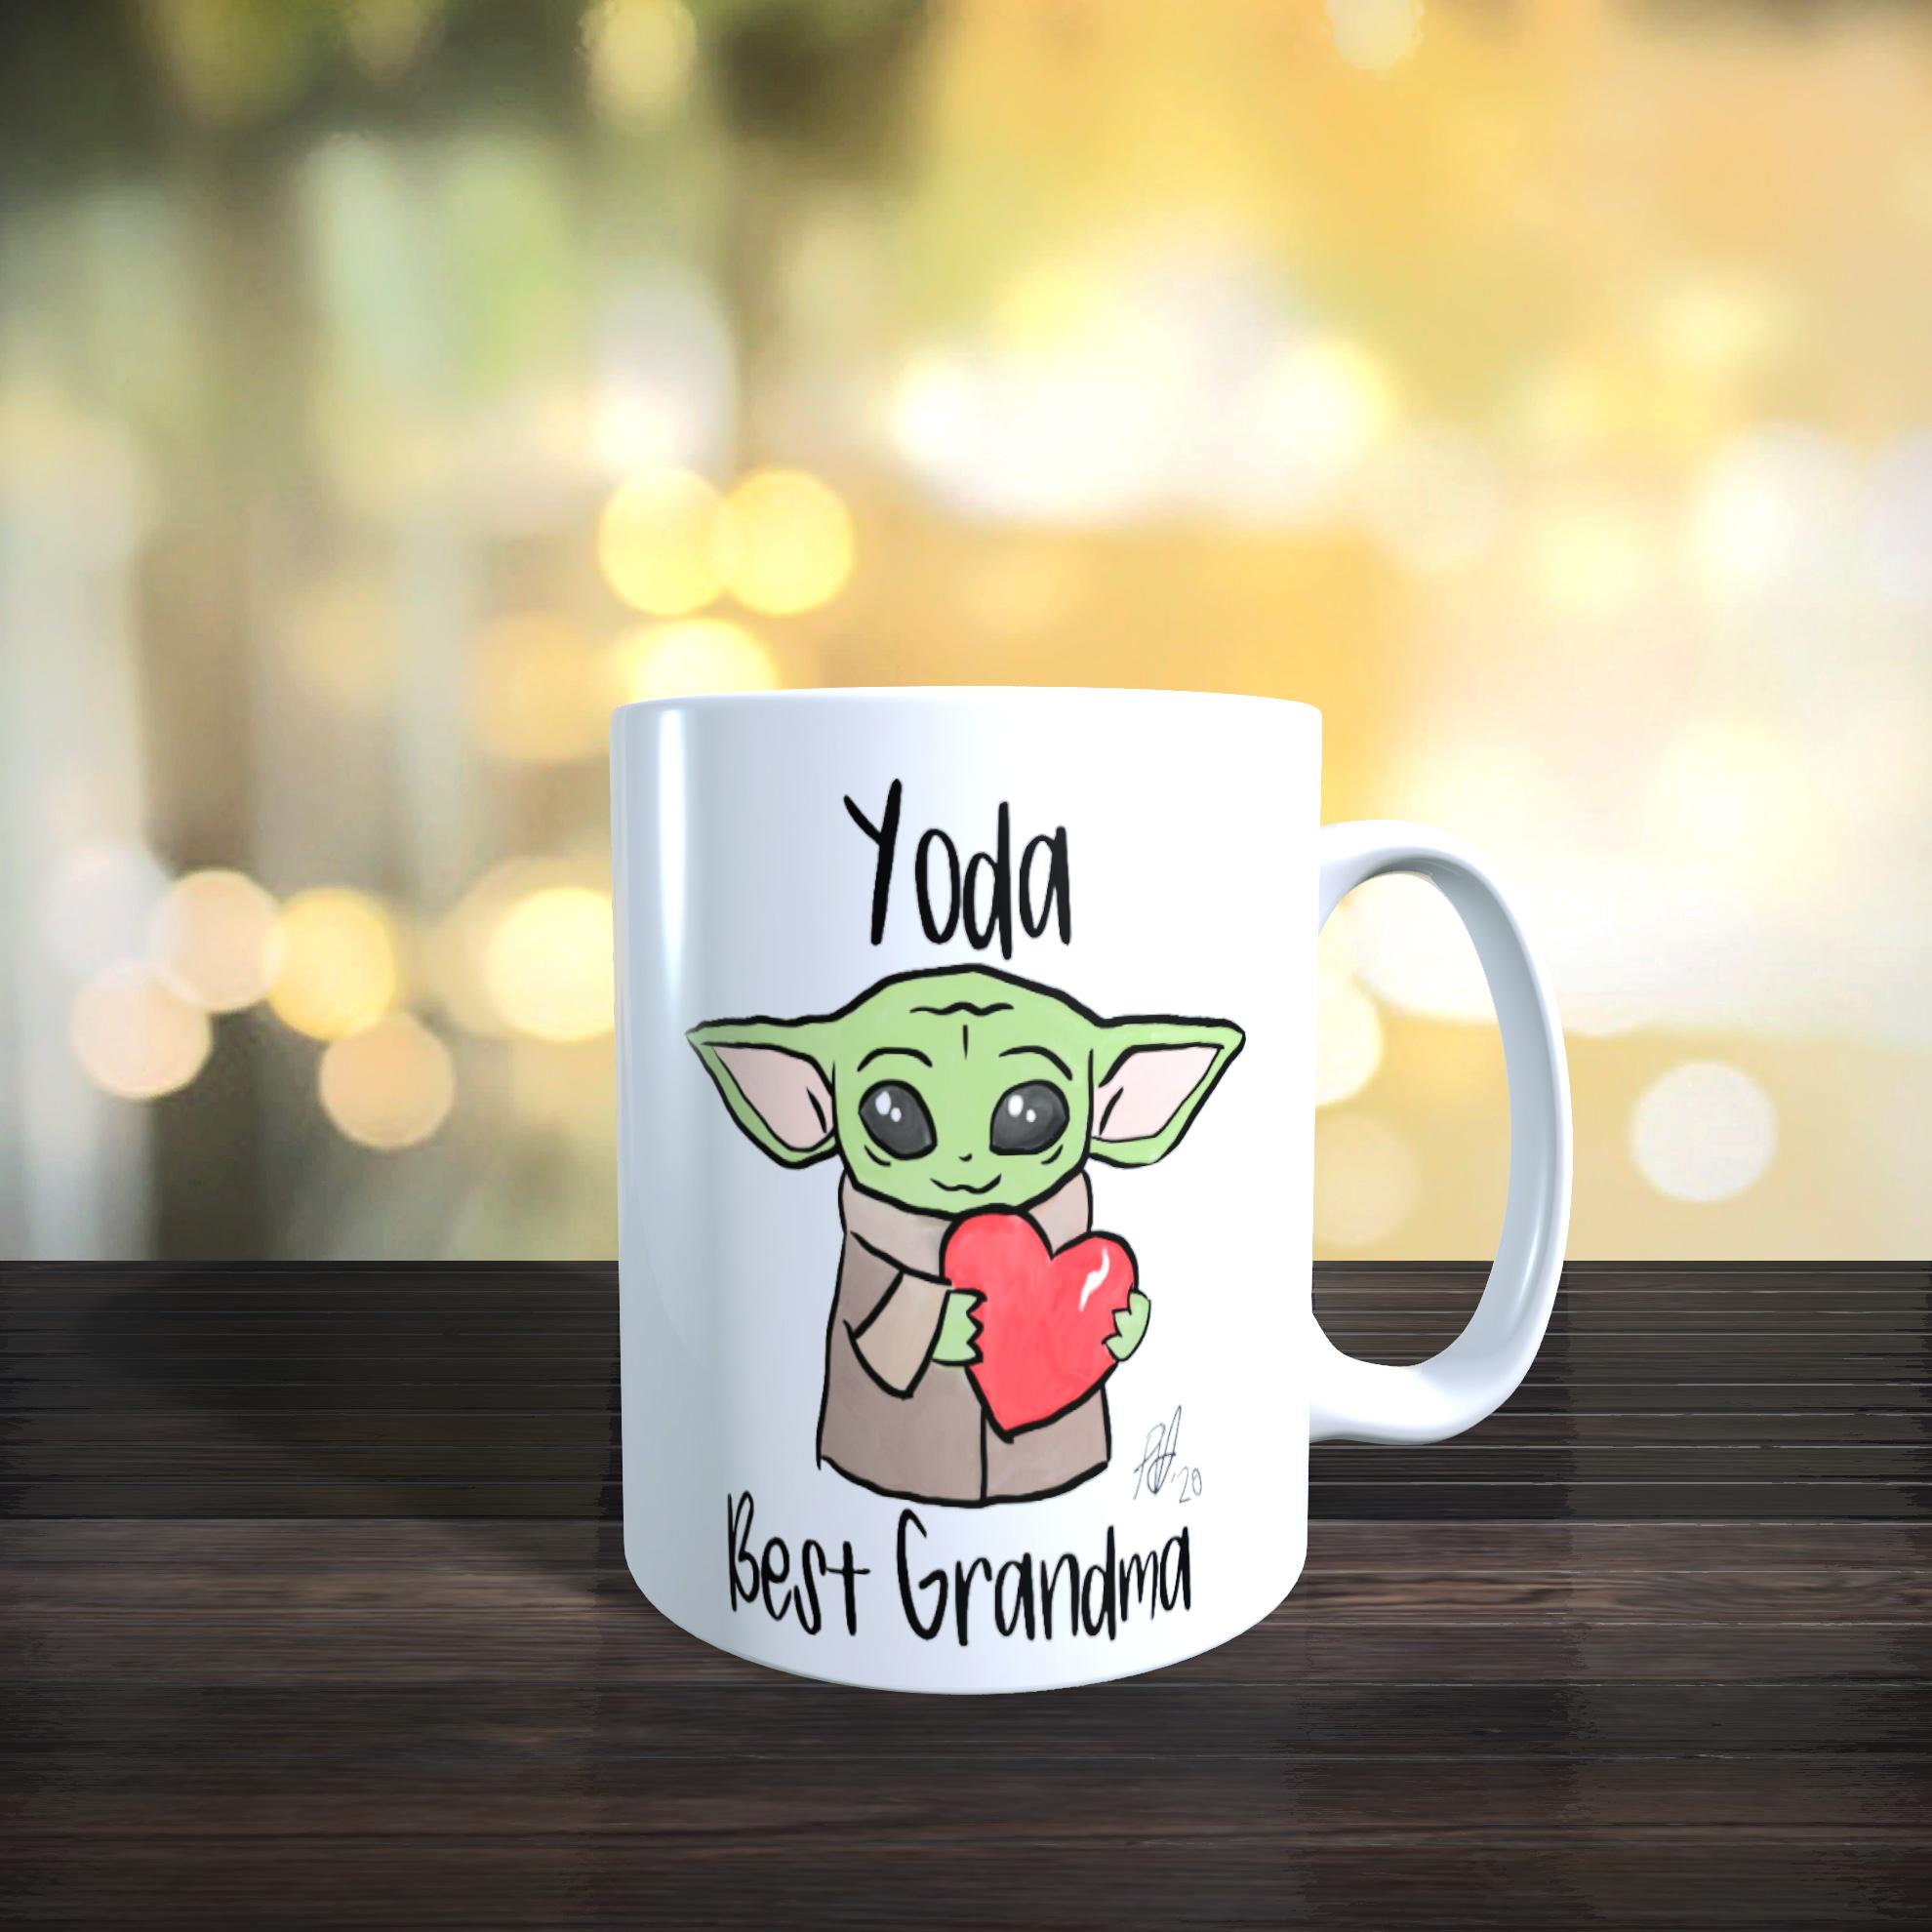 11 oz Ceramic Mug 'Yoda Best Grandma' Mothers day, Birthday Gift